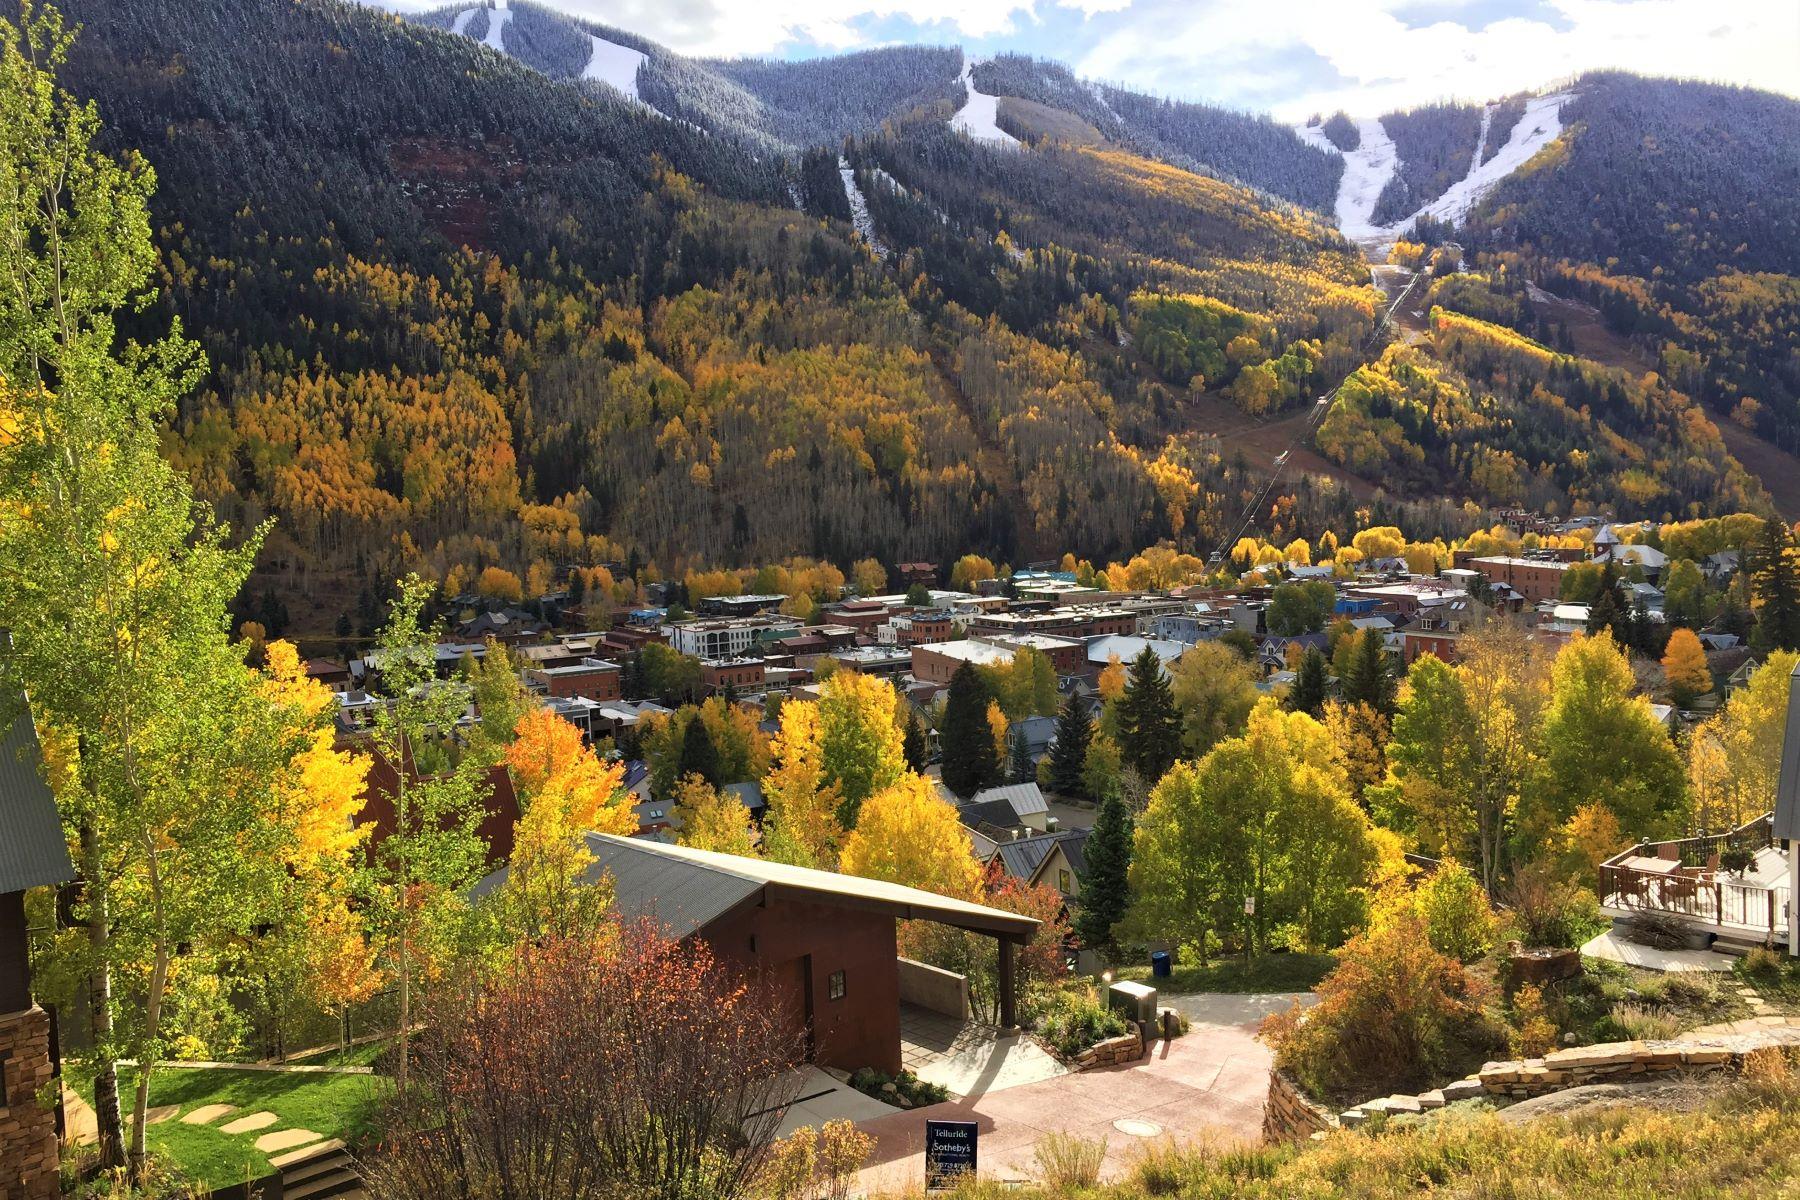 Property para Venda às East Gregory Avenue Estate Lot Lot 3, East Gregory Avenue, Telluride, Colorado 81435 Estados Unidos